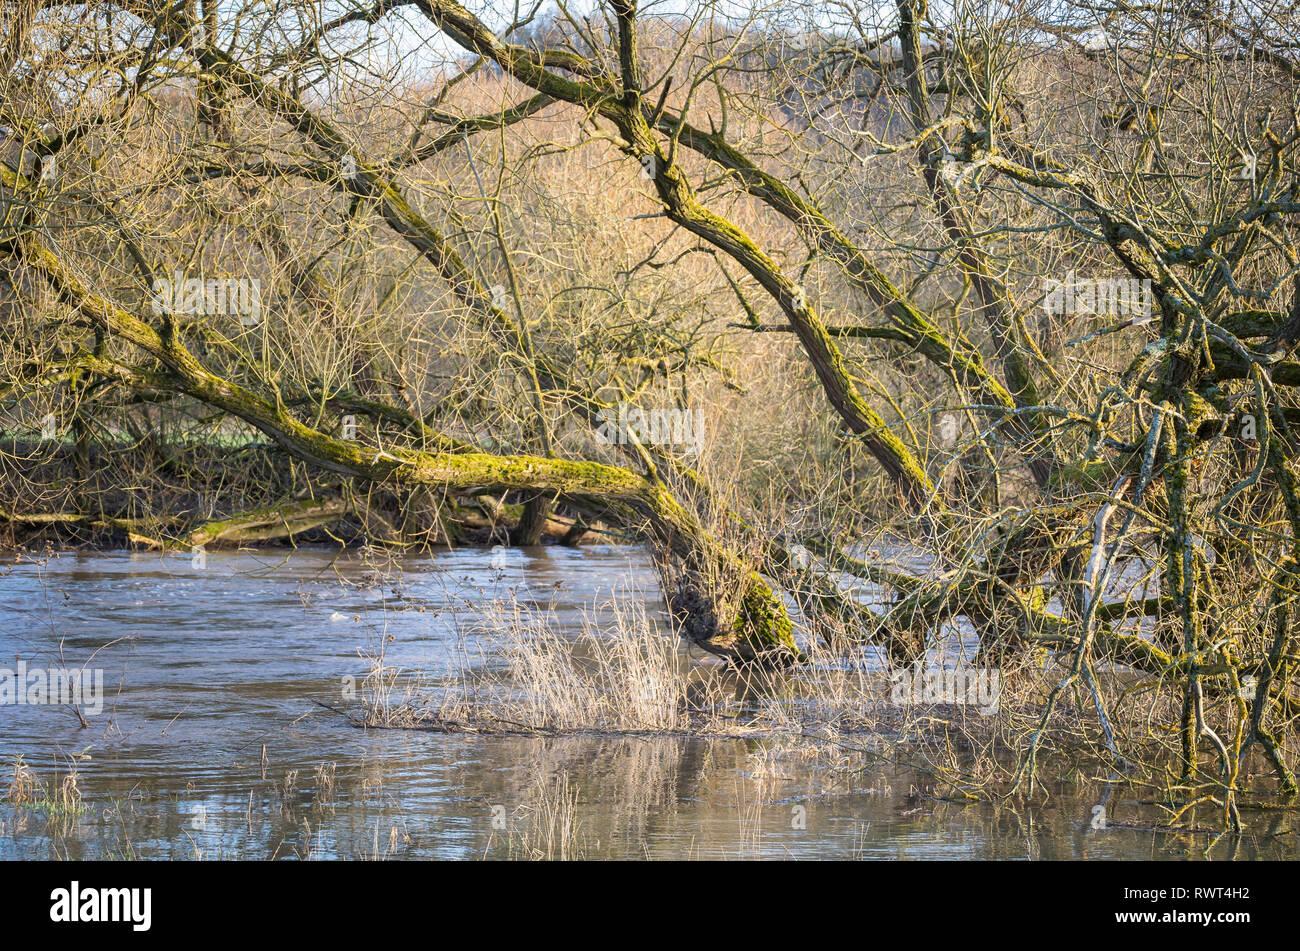 Überschwemmung - Bäume am Flussufer der Lahn - Stock Image